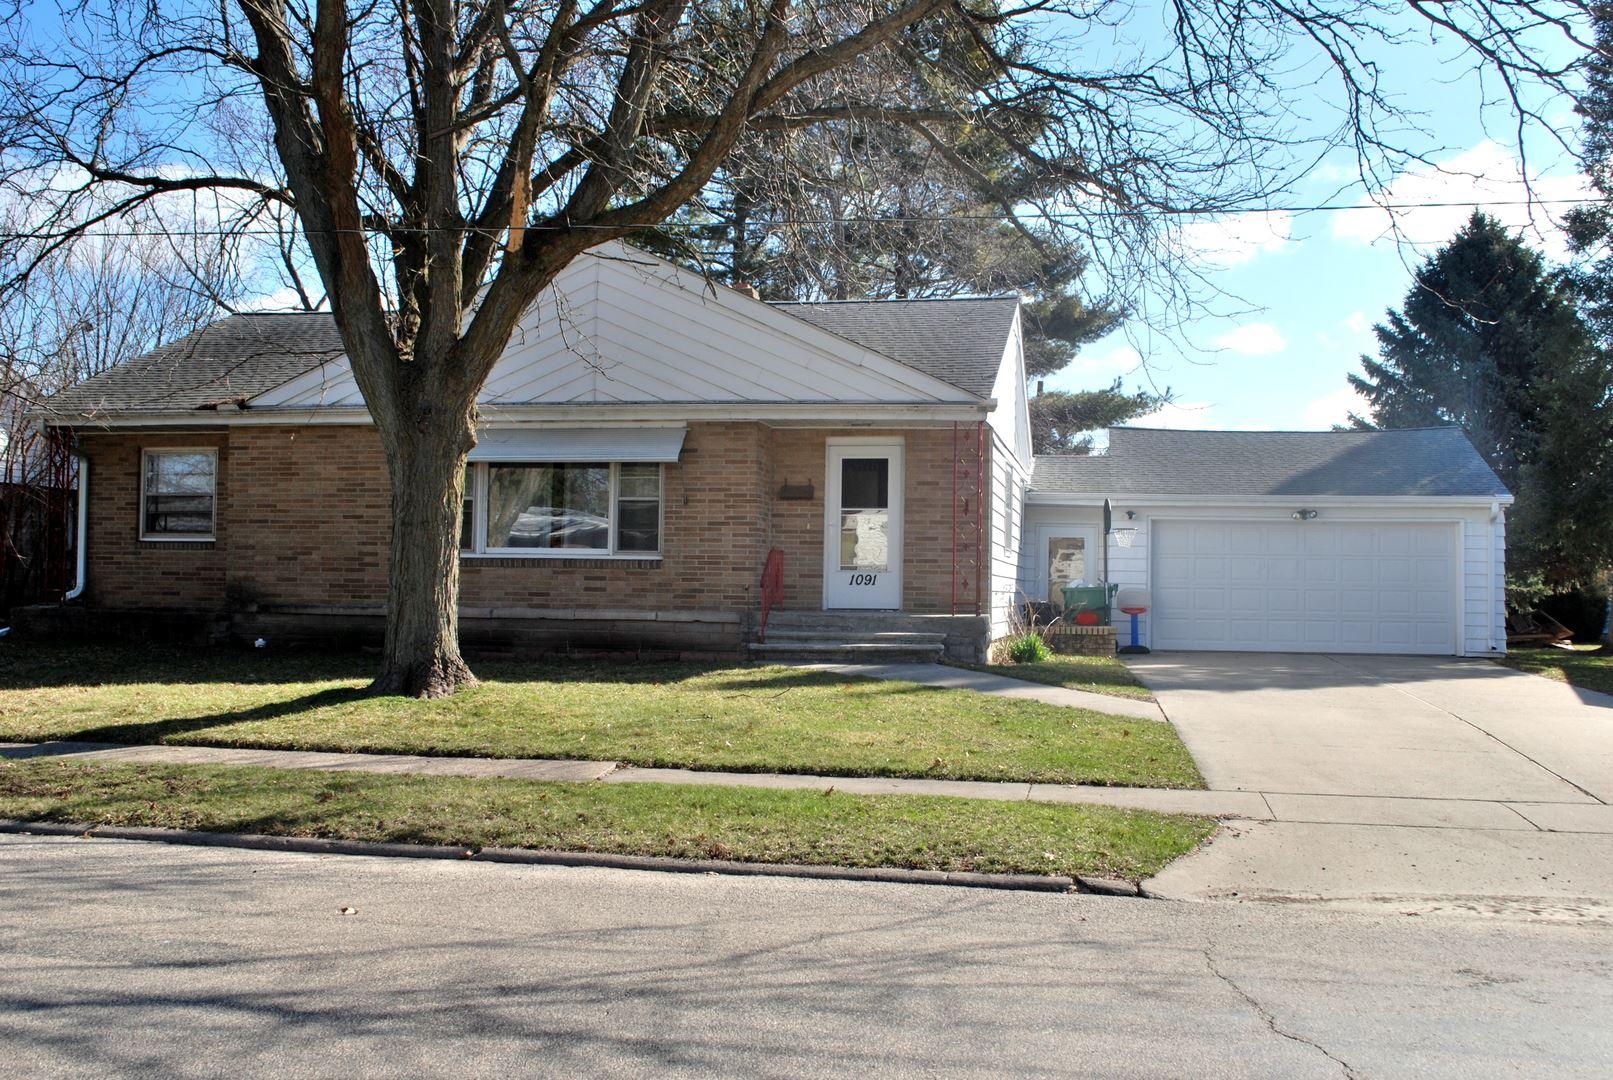 1091 N Main Street, Rochelle, IL 61068 - #: 10675061